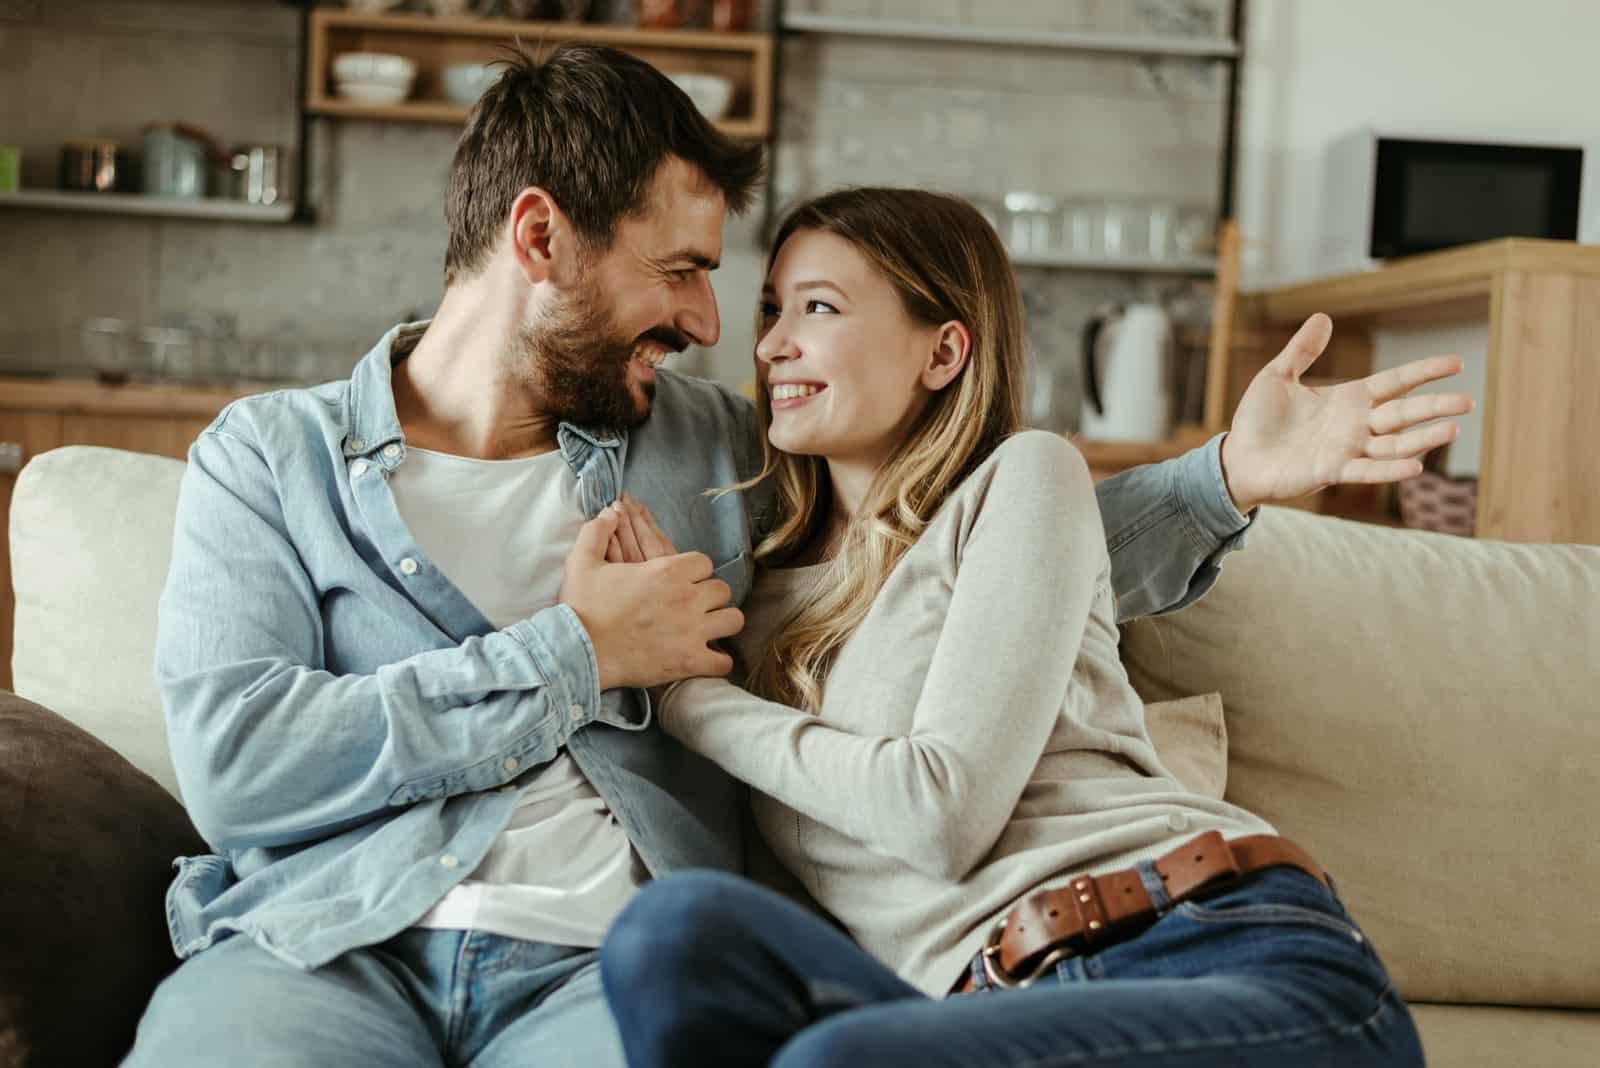 un homme et une femme souriants sont assis sur le canapé